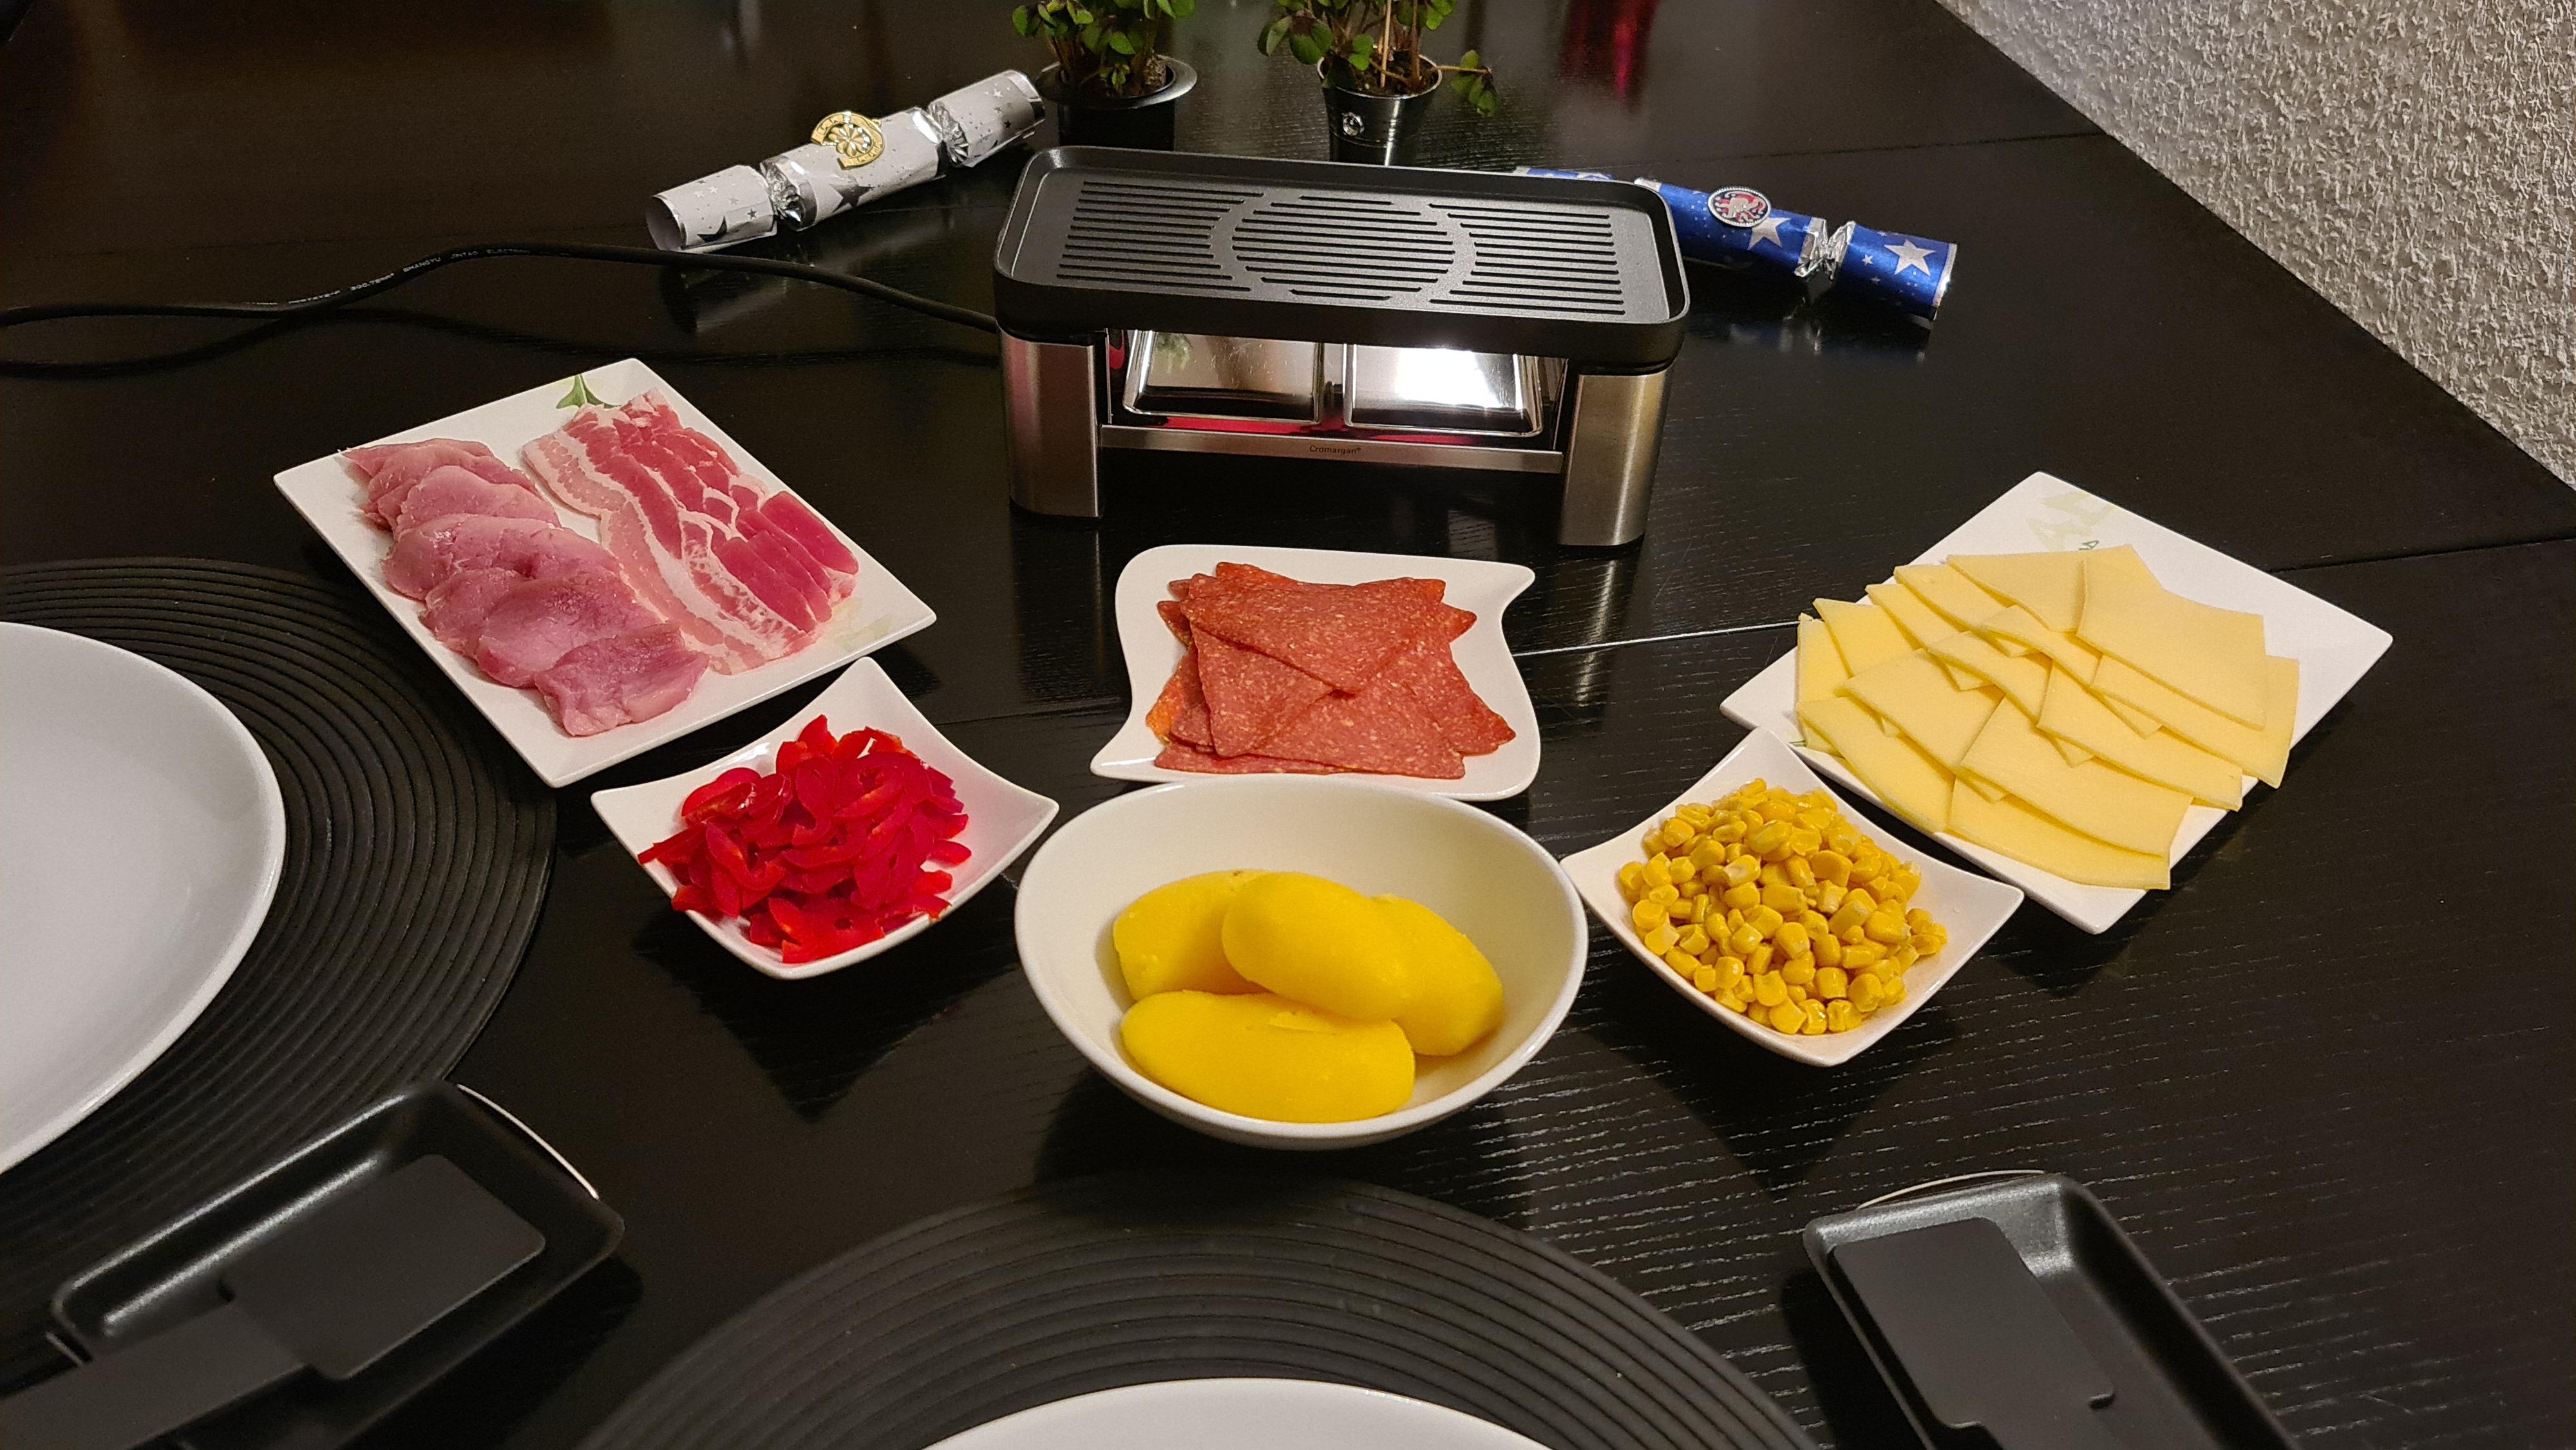 https://foodloader.net/Holz_2020-12-31_Mini-Raclette.jpg